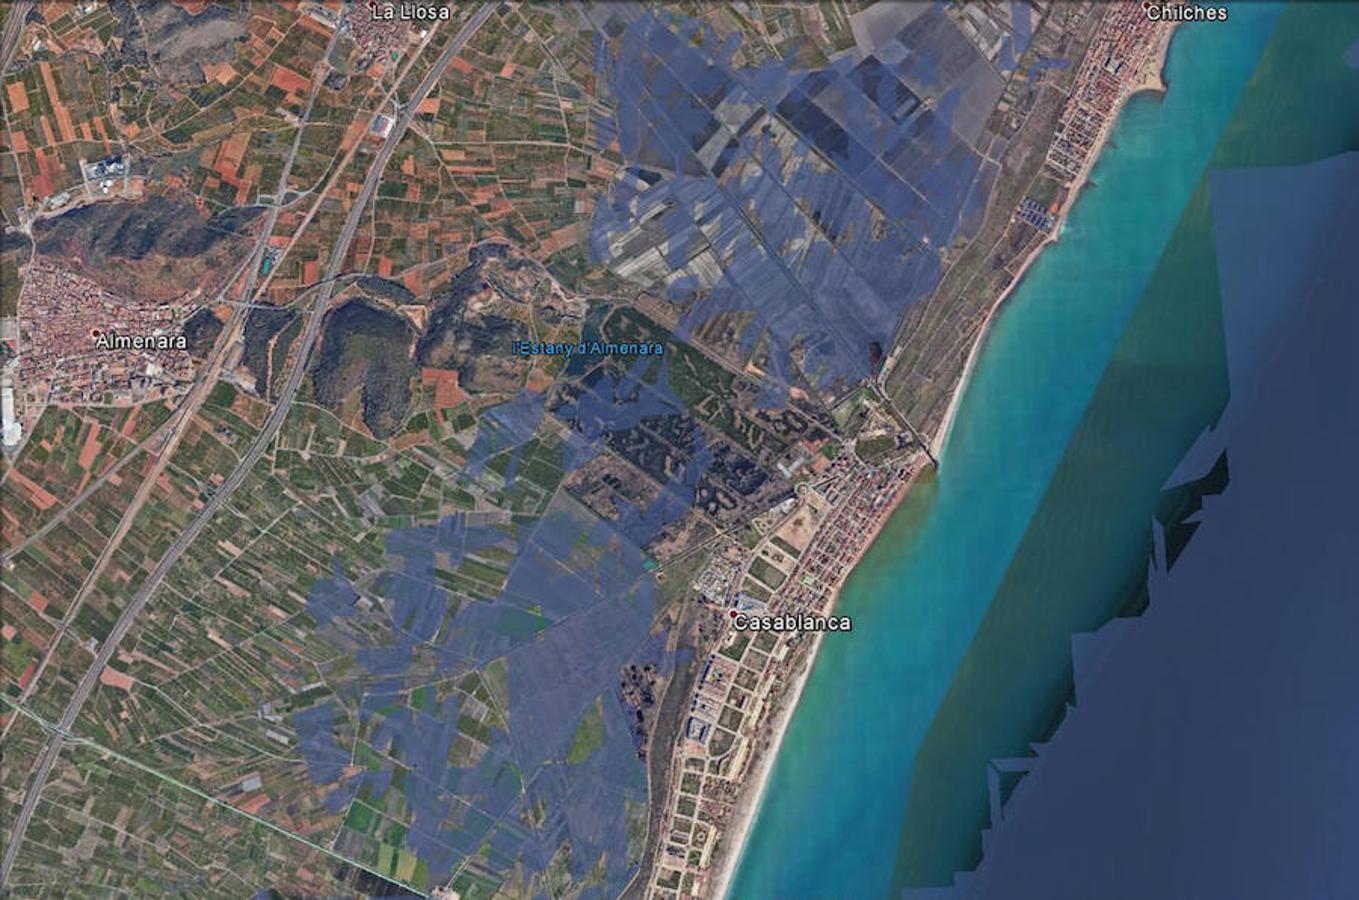 Casablanca (Valencia)